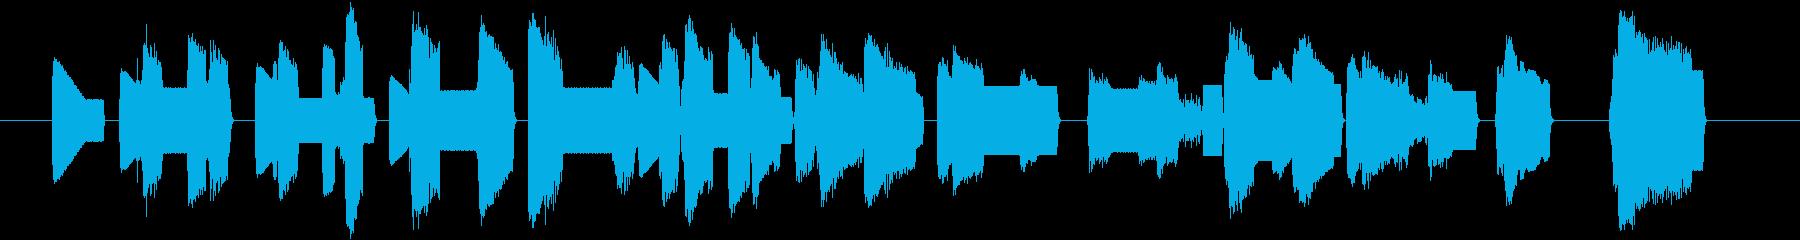 ゆったりとしたCHIPTUNEですの再生済みの波形